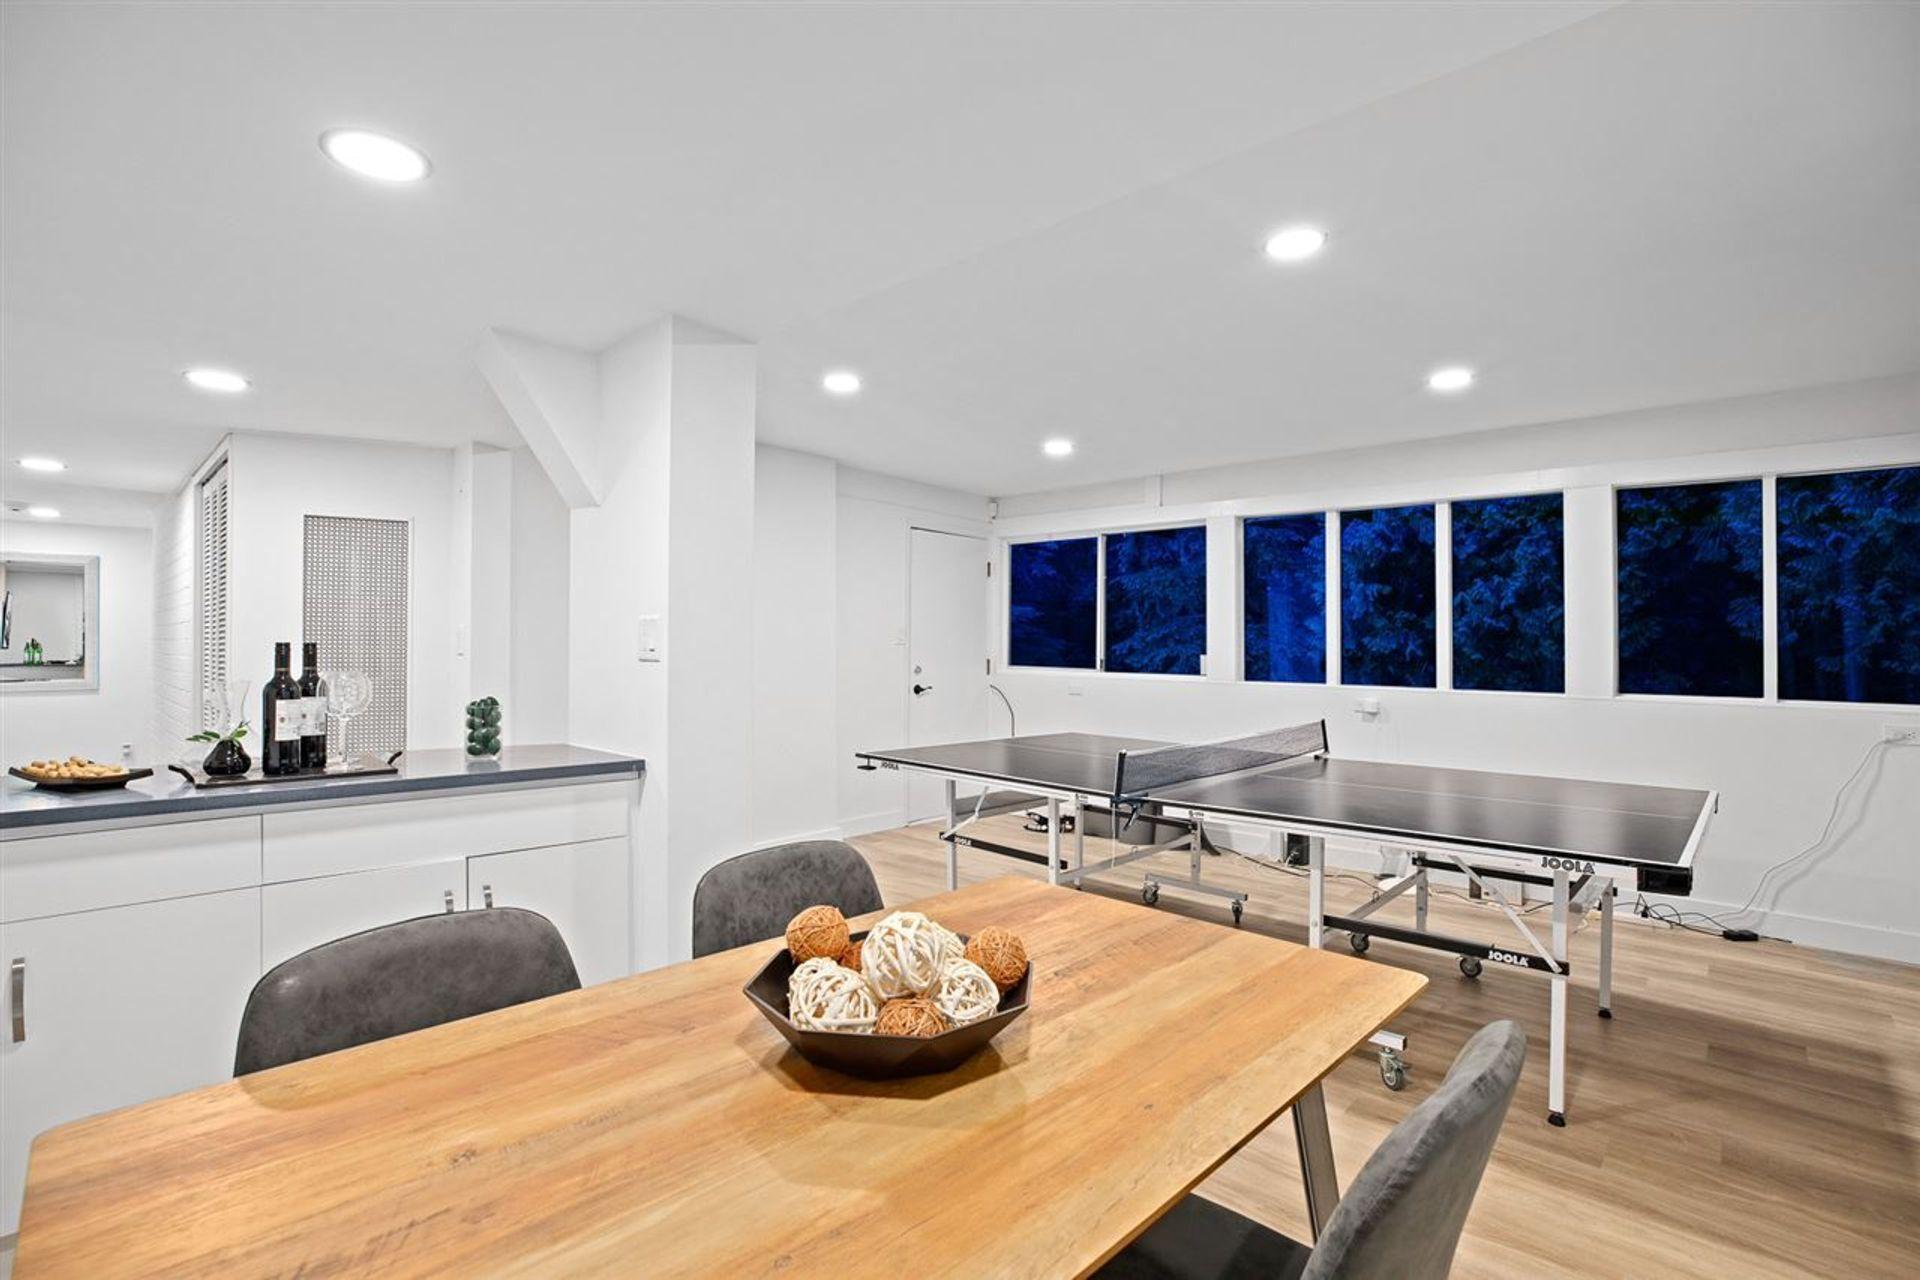 530-hadden-drive-british-properties-west-vancouver-22 at 530 Hadden Drive, British Properties, West Vancouver